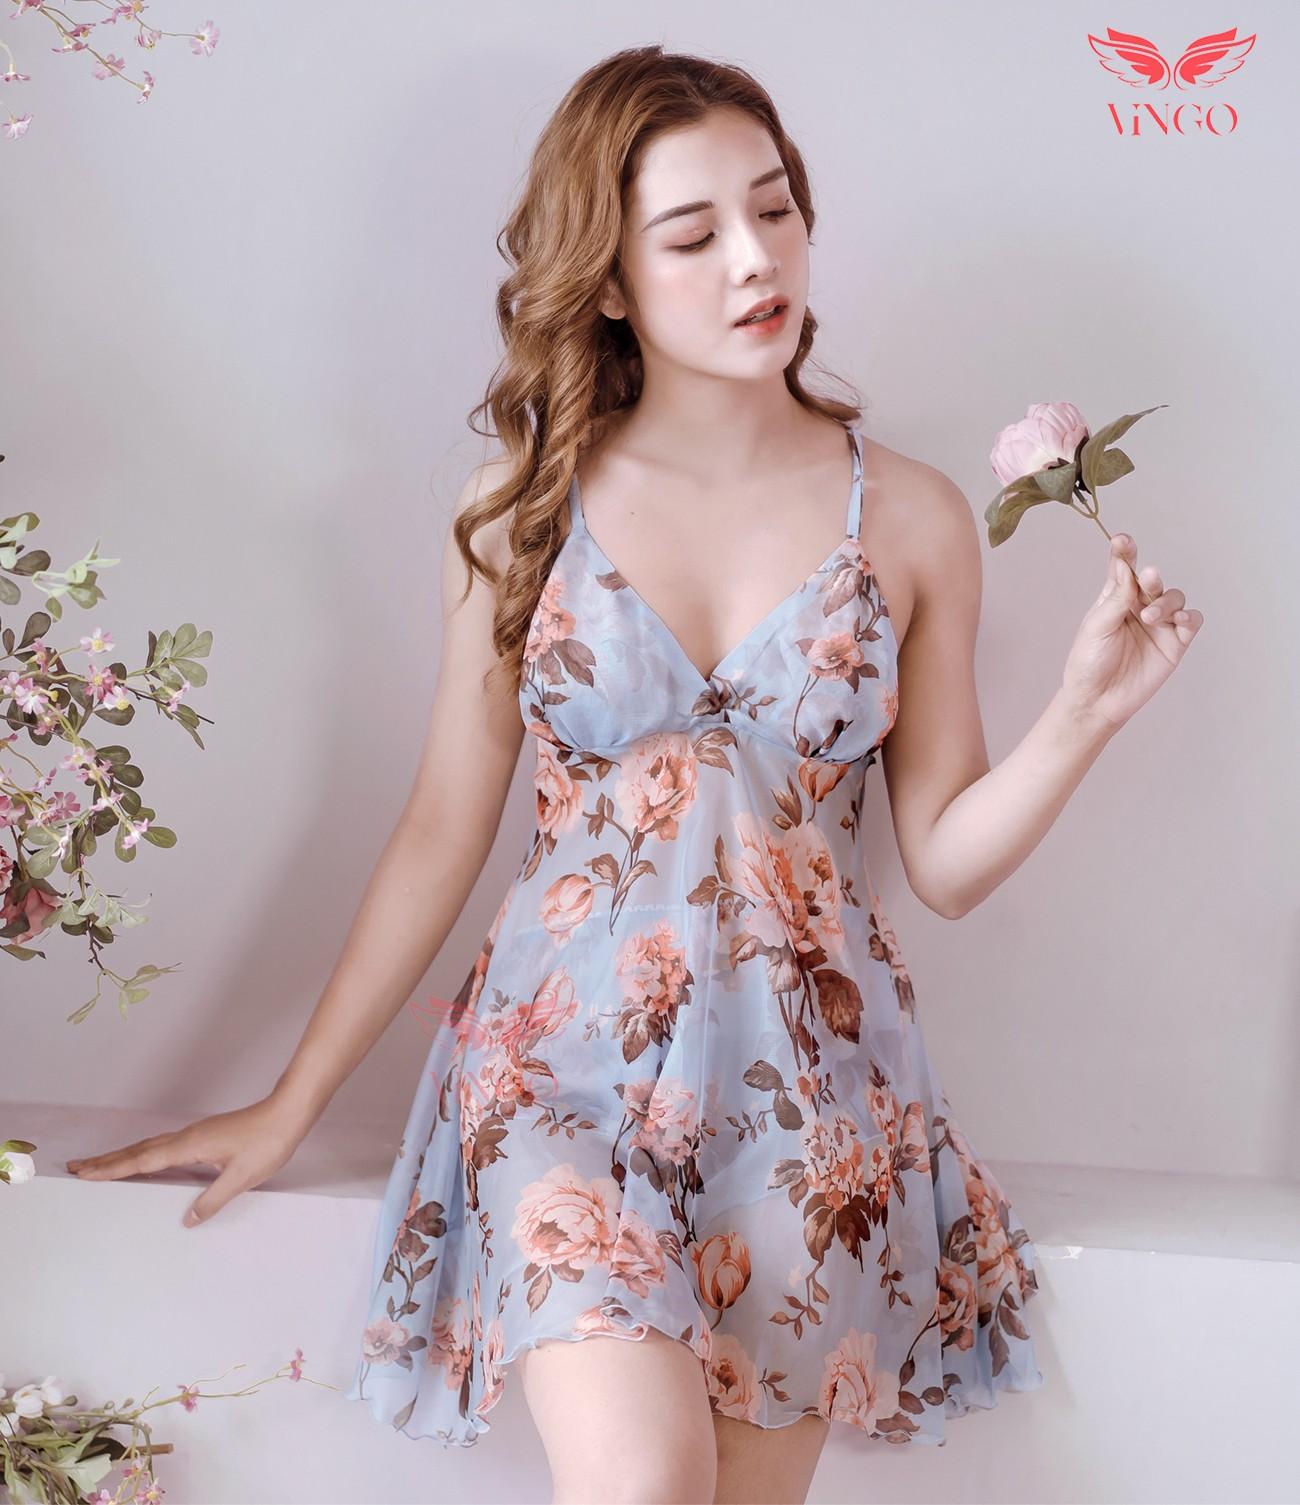 Váy ngủ voan xanh lam thanh lịch, sang trọng để mặc đẹp ngày Tết